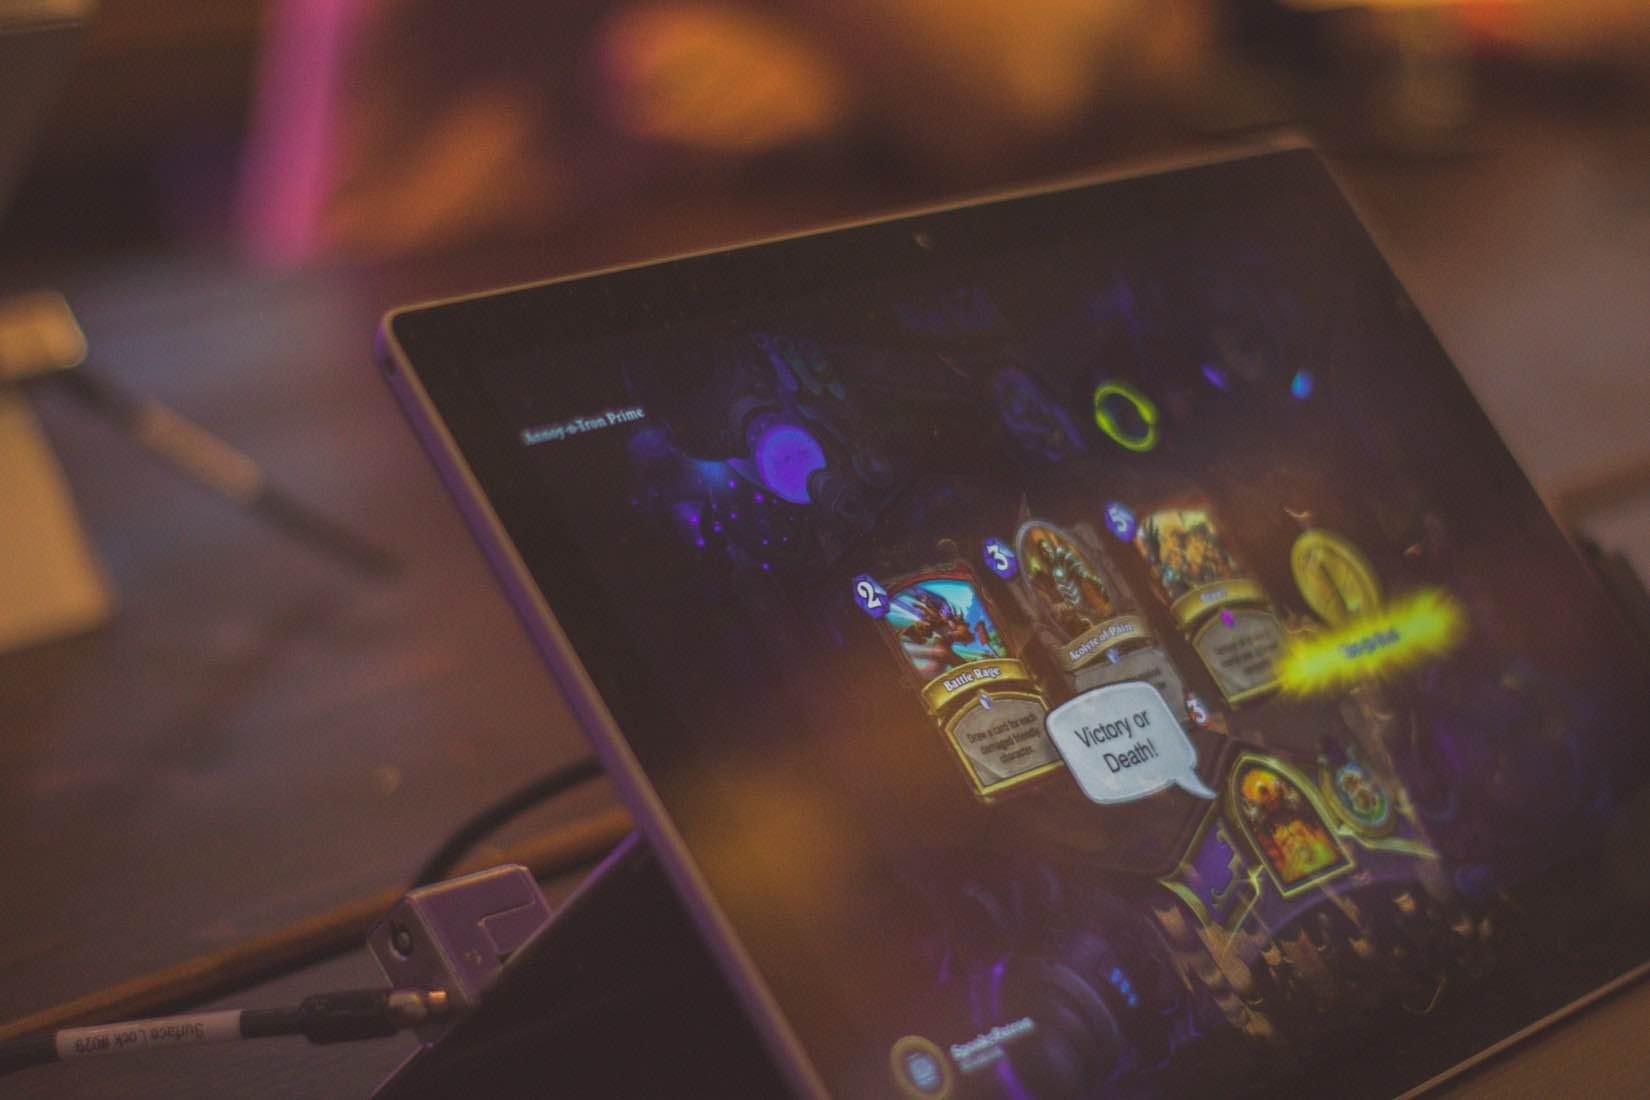 Jeux-Gratuits-Mobile-Tablette - Indigo Buzz - L'actualité intérieur Jeux De Tablette Gratuit